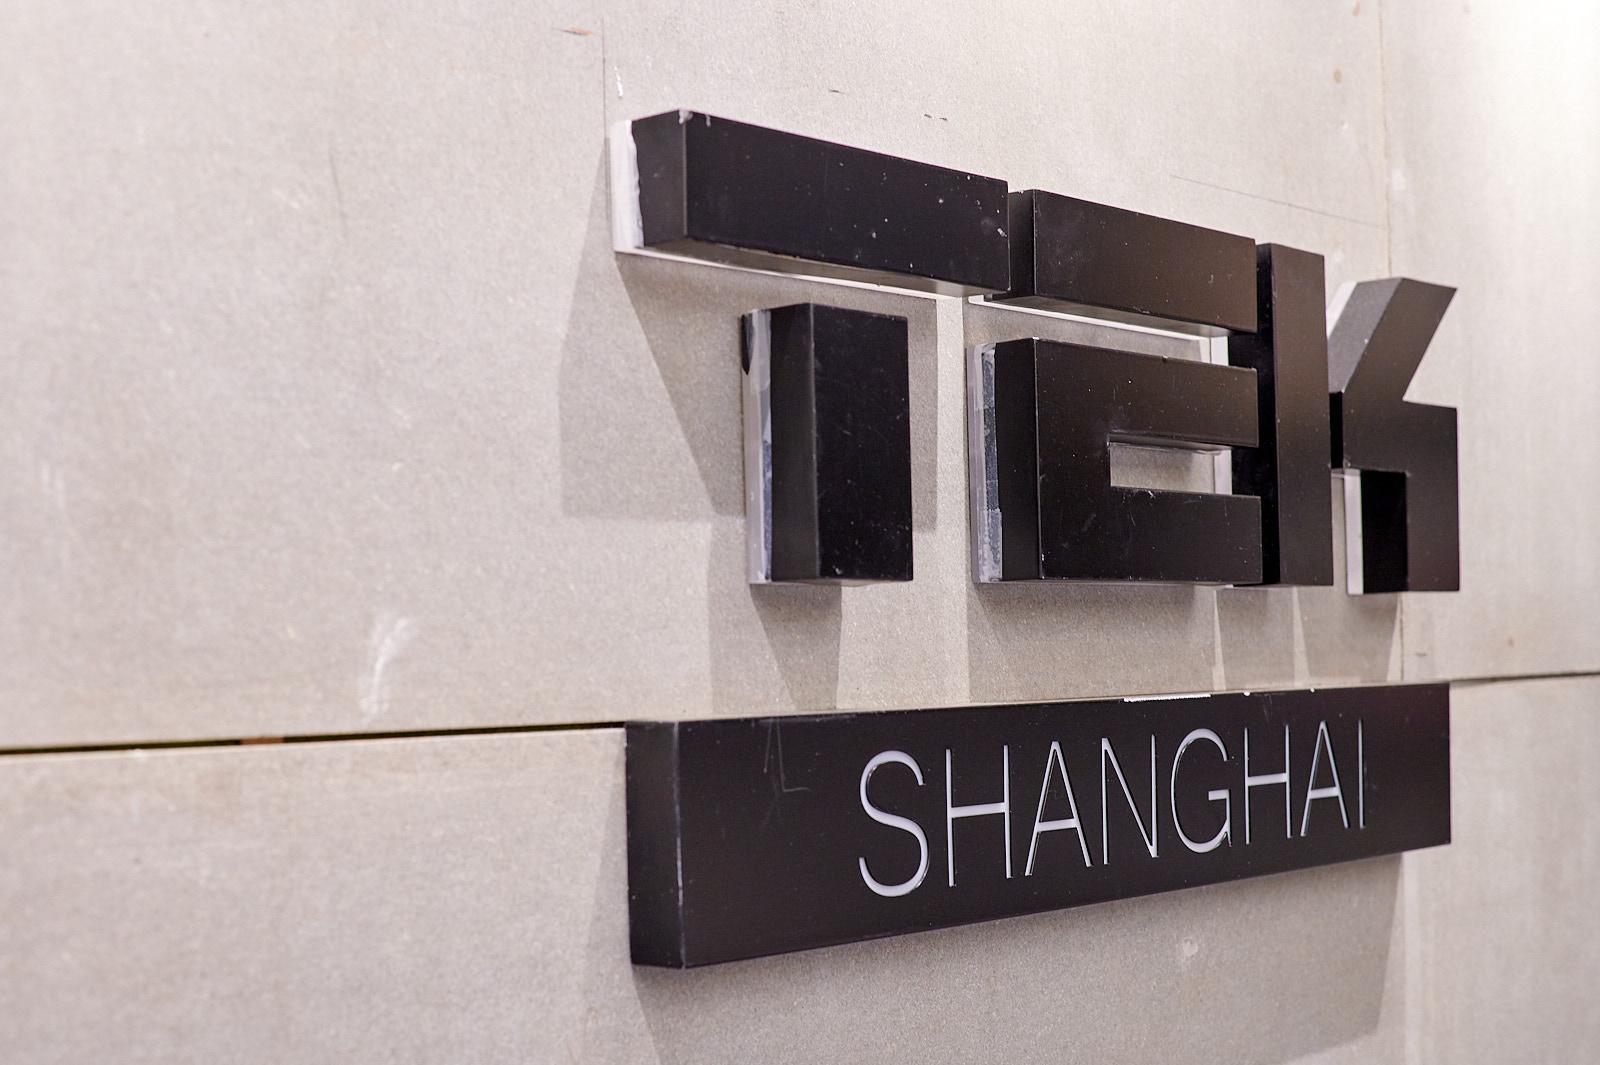 TEK-Shanghai (Puxi) Shanghai